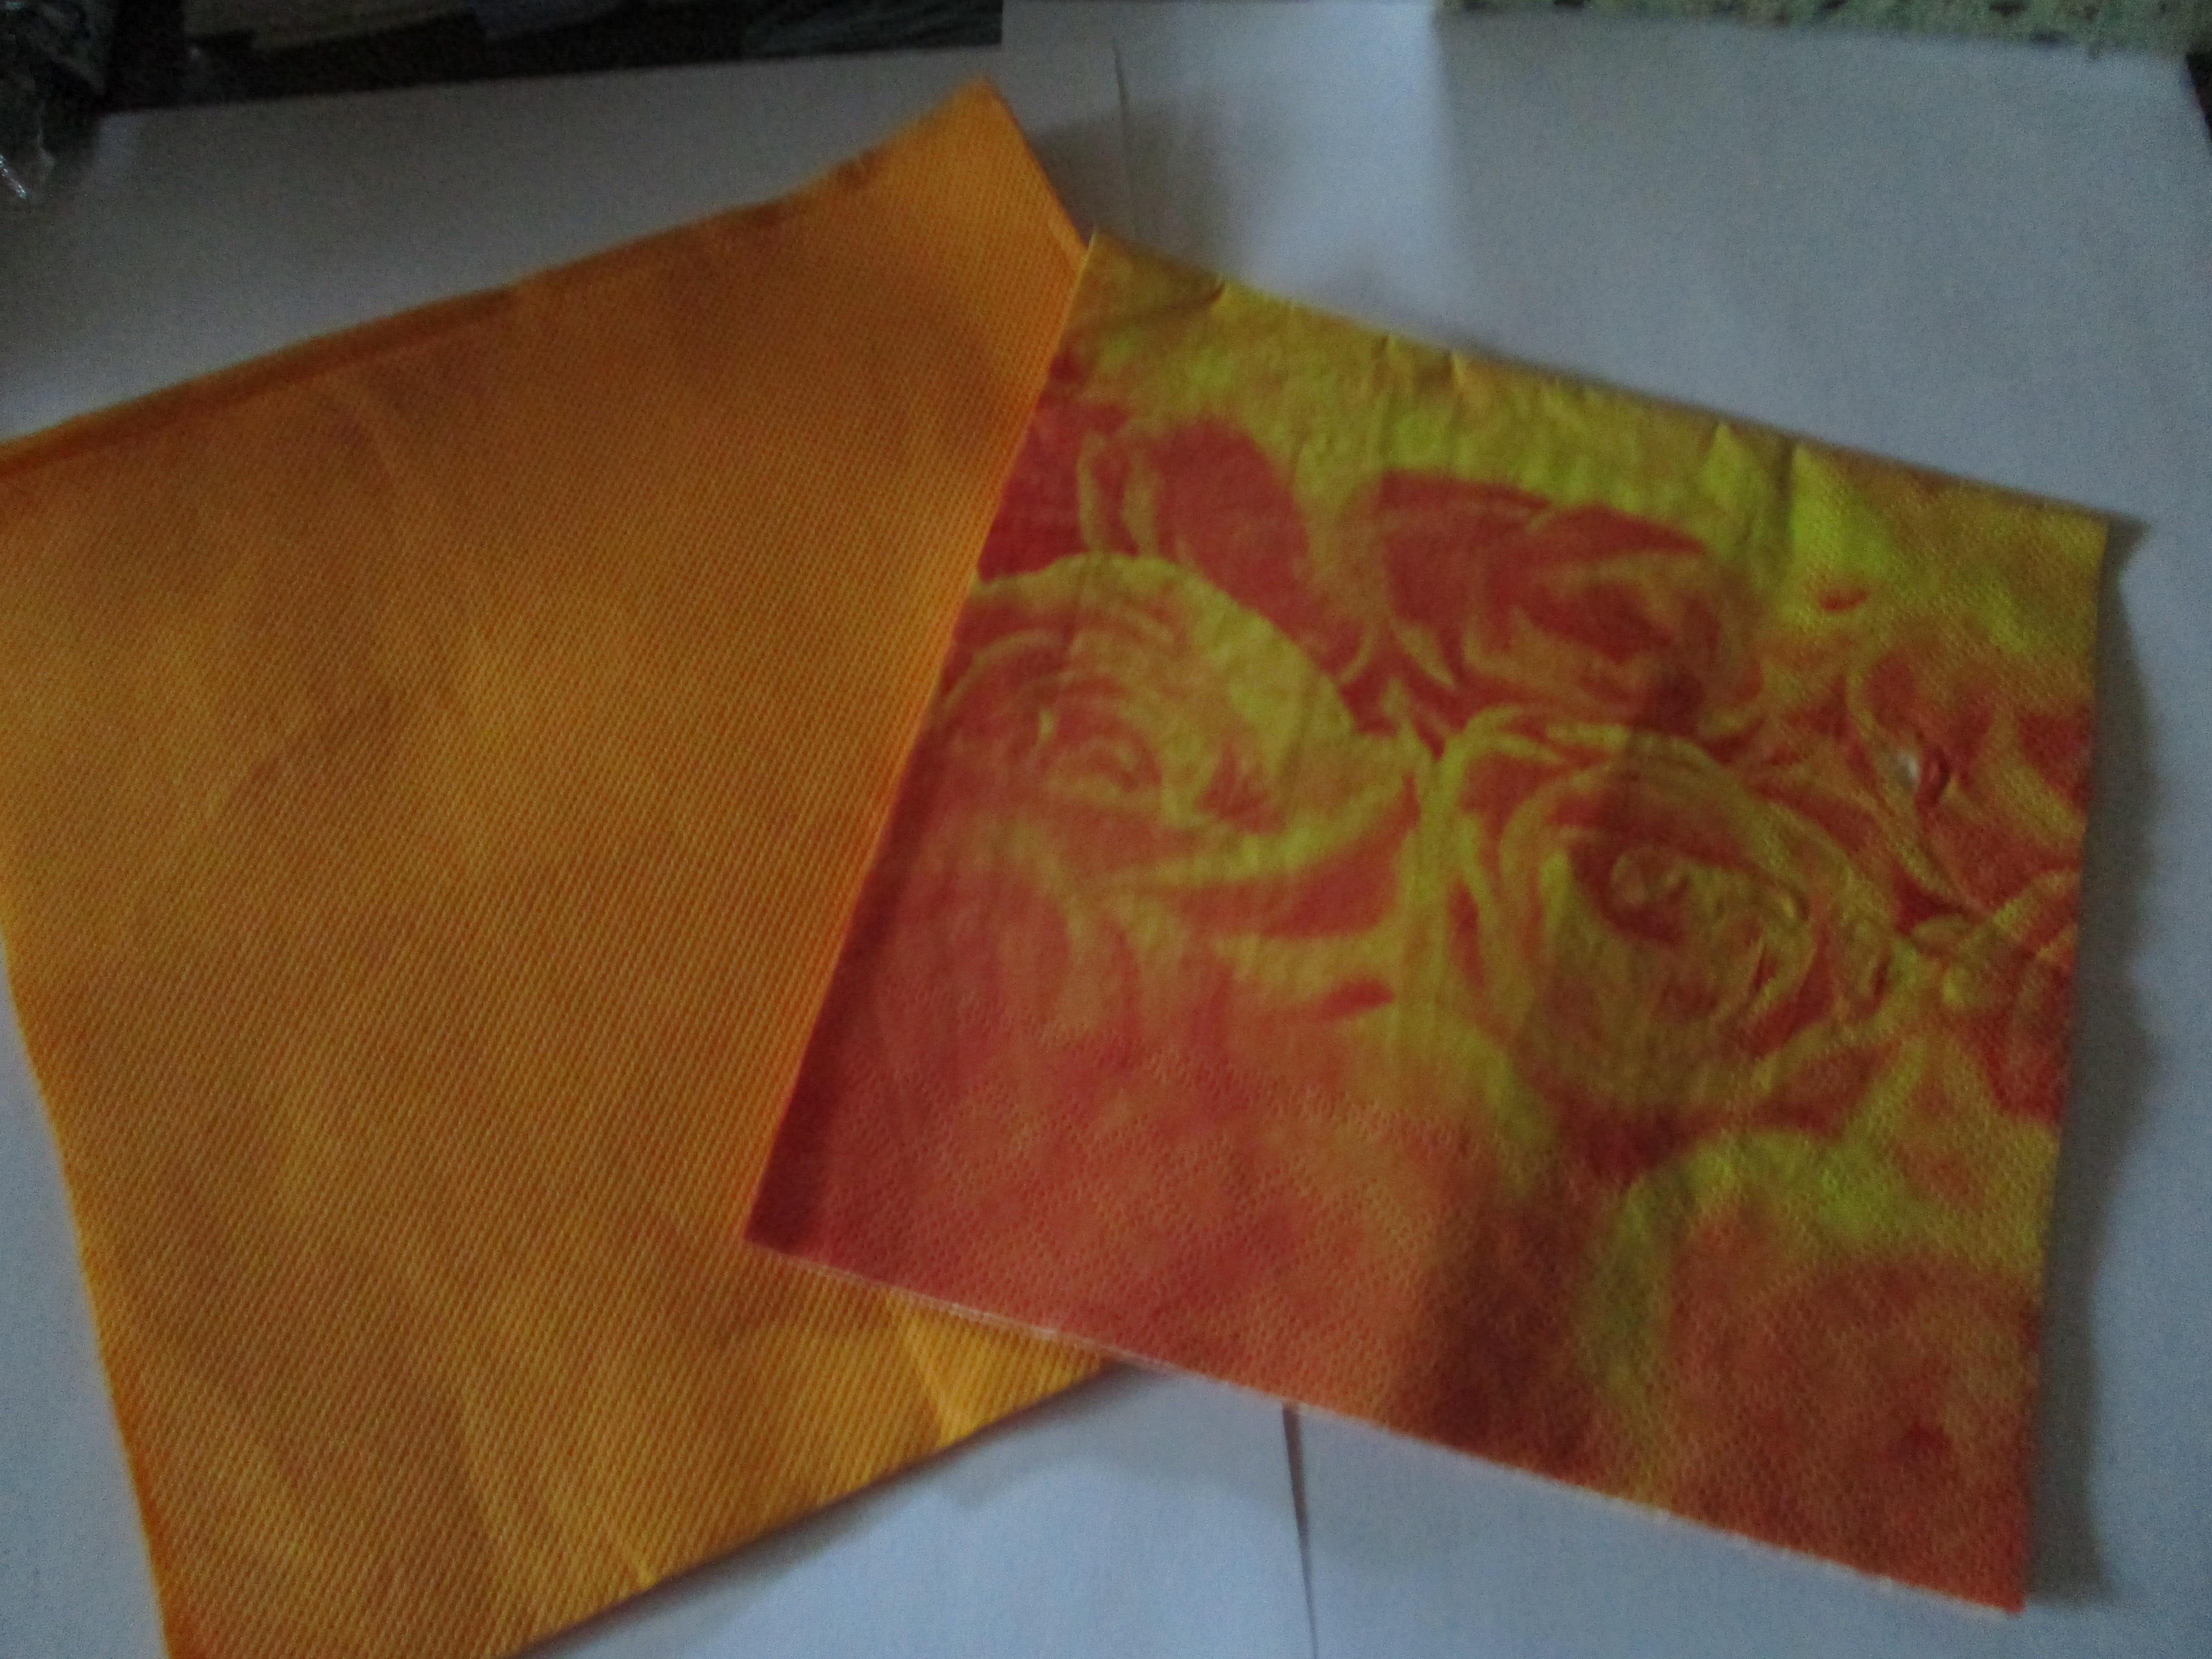 troc de troc 2 serviettes orange image 0